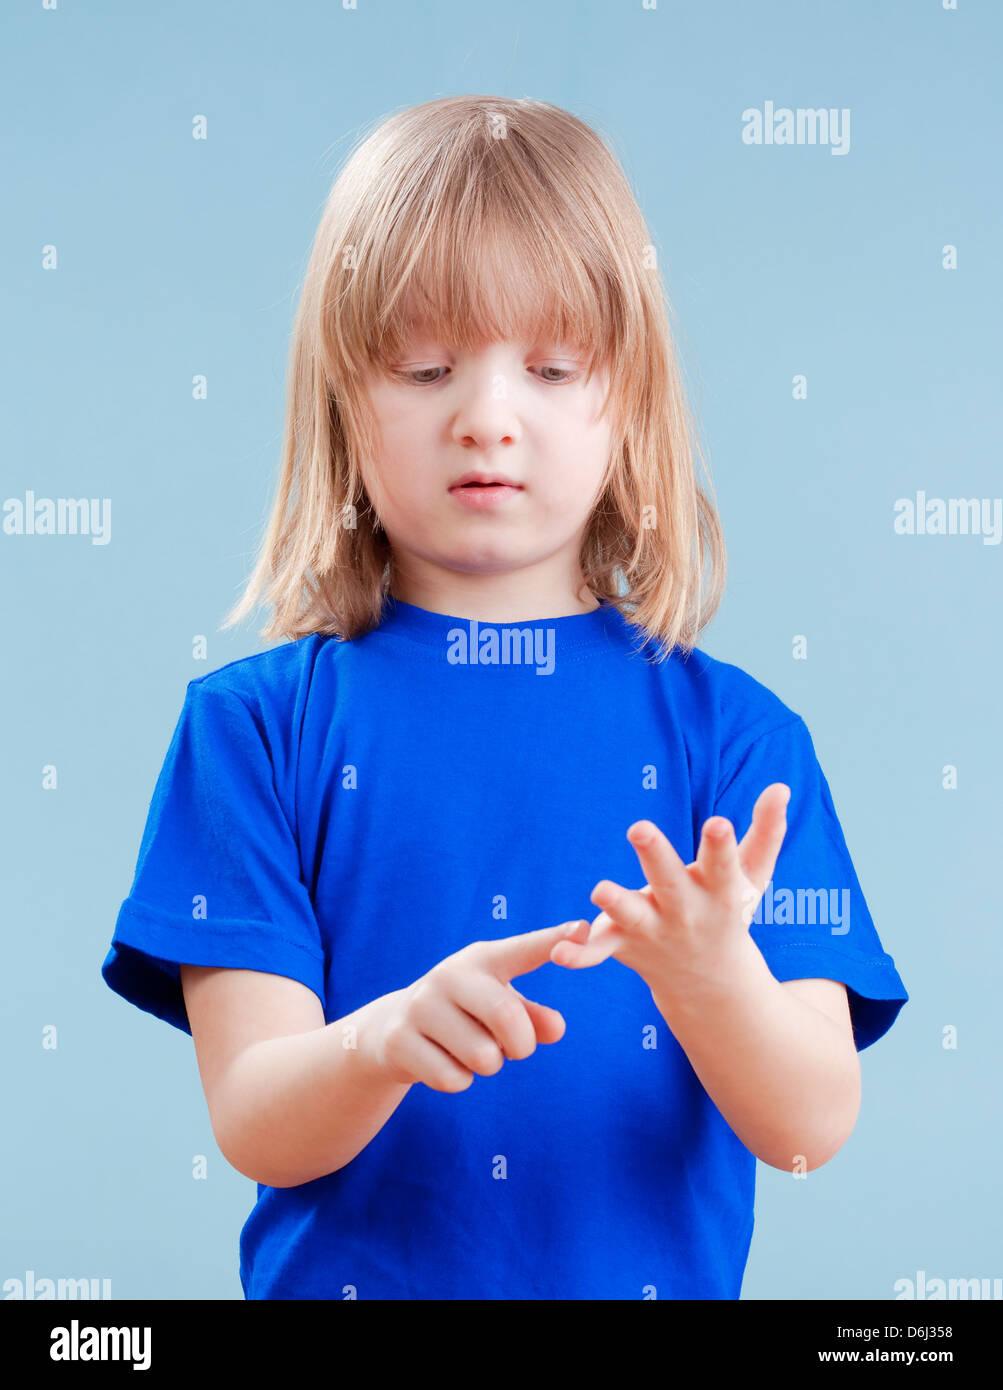 Garçon avec de longs cheveux blonds compte sur les doigts de la main - isolé sur bleu Photo Stock